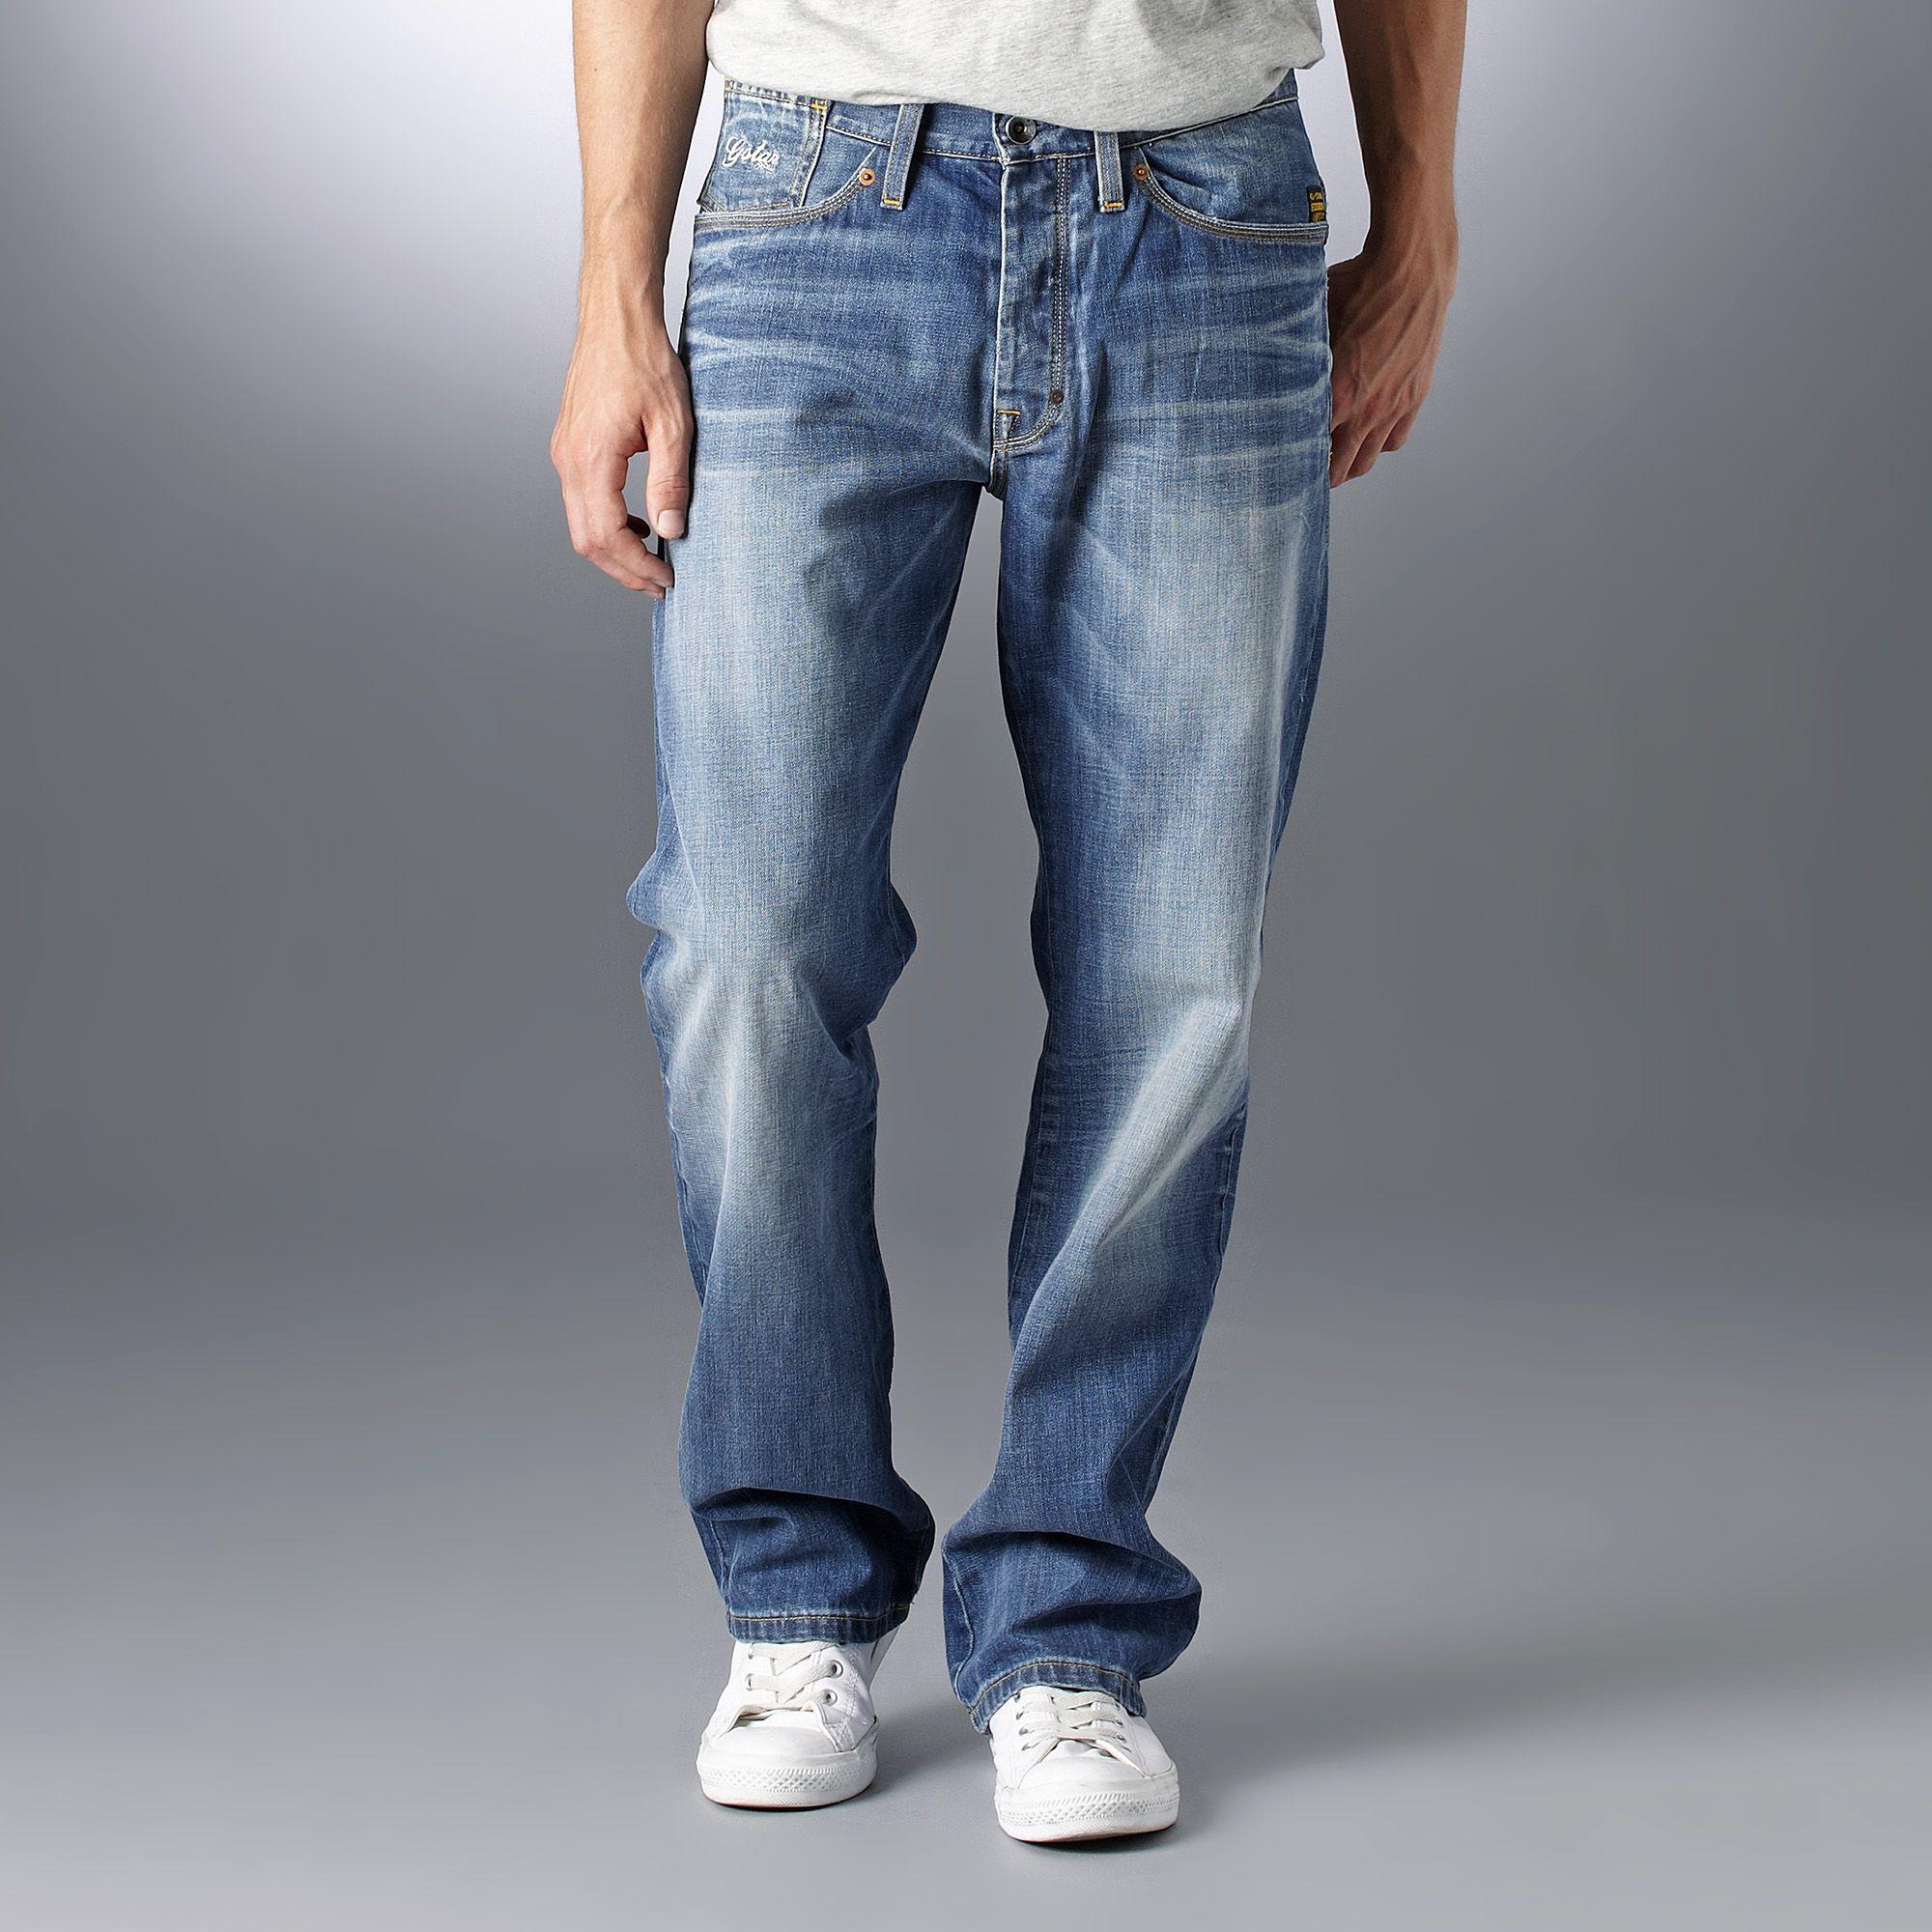 överlägsen kvalitet skridsko skor eleganta skor G-Star RAW Coder Straight Jeans in Blue for Men - Lyst